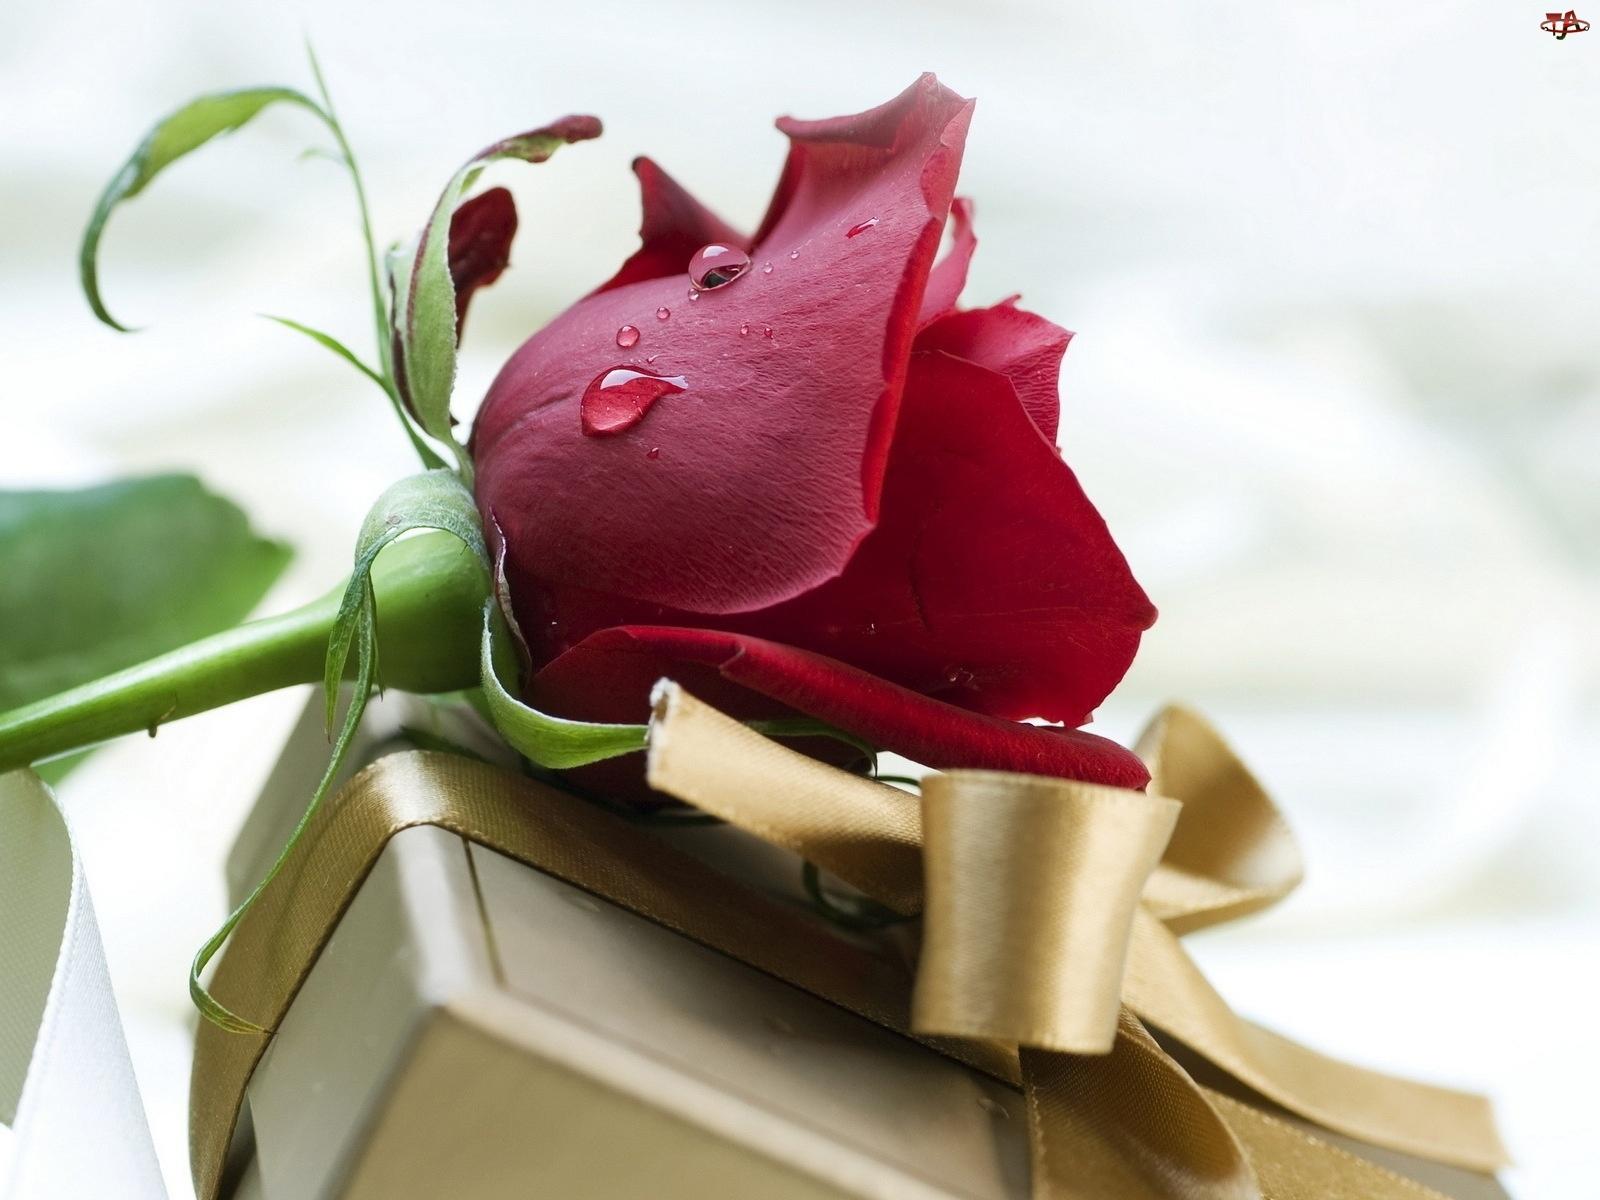 Цветы для любимой фото 19 фотография